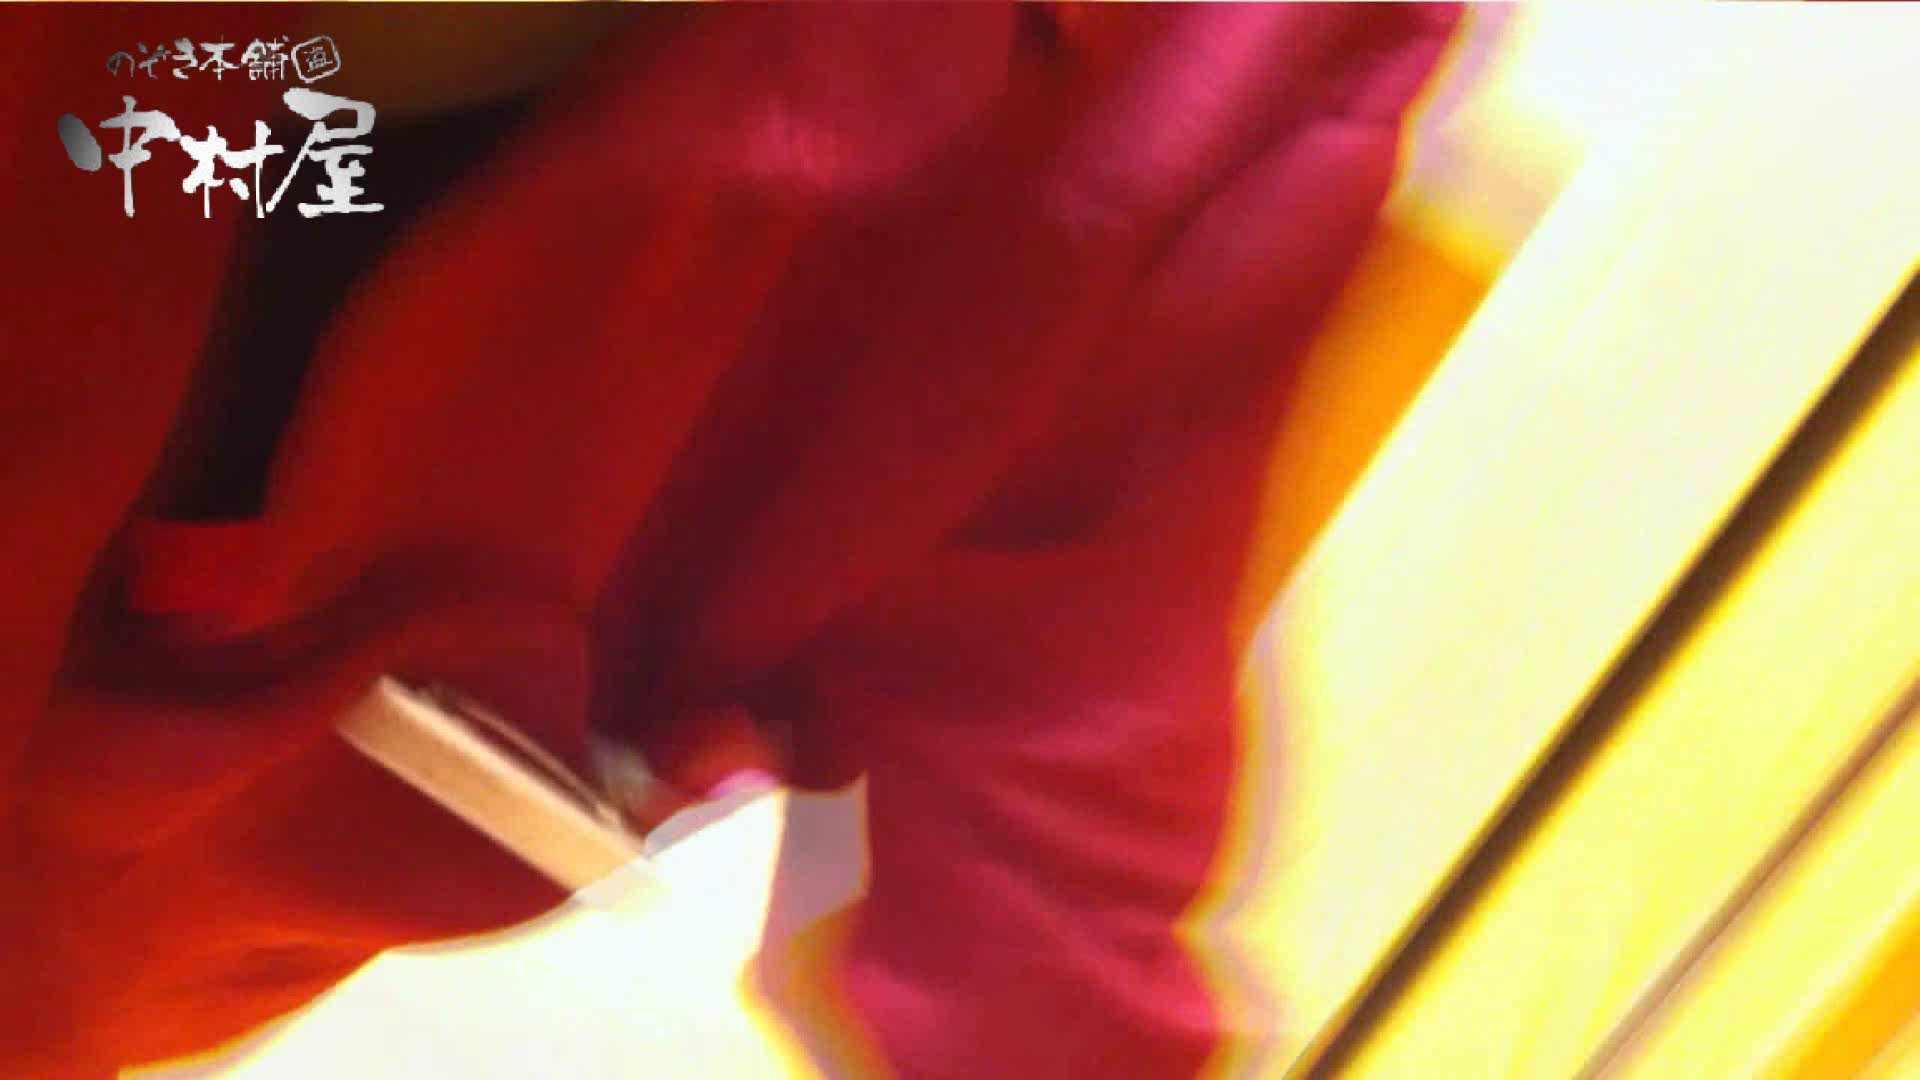 vol.48可愛いカリスマ店員胸チラ&パンチラ アニメ声の店員さん 接写 覗きオメコ動画キャプチャ 110画像 63